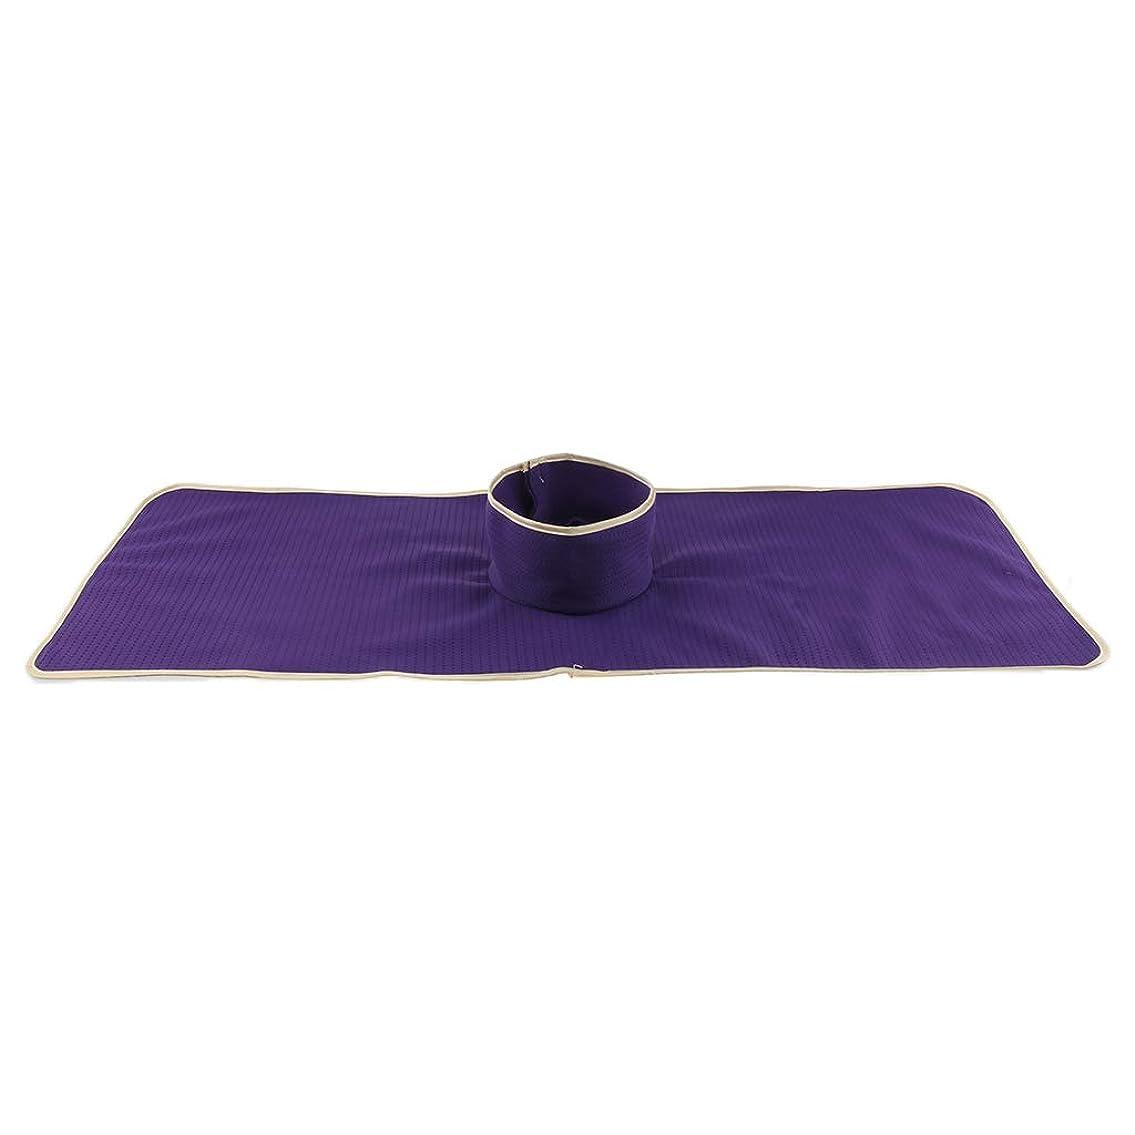 有利くしゃくしゃプラグFLAMEER マッサージのベッド用 パッド マット 顔の穴付き 洗える 約90×35cm 全3色 - 紫